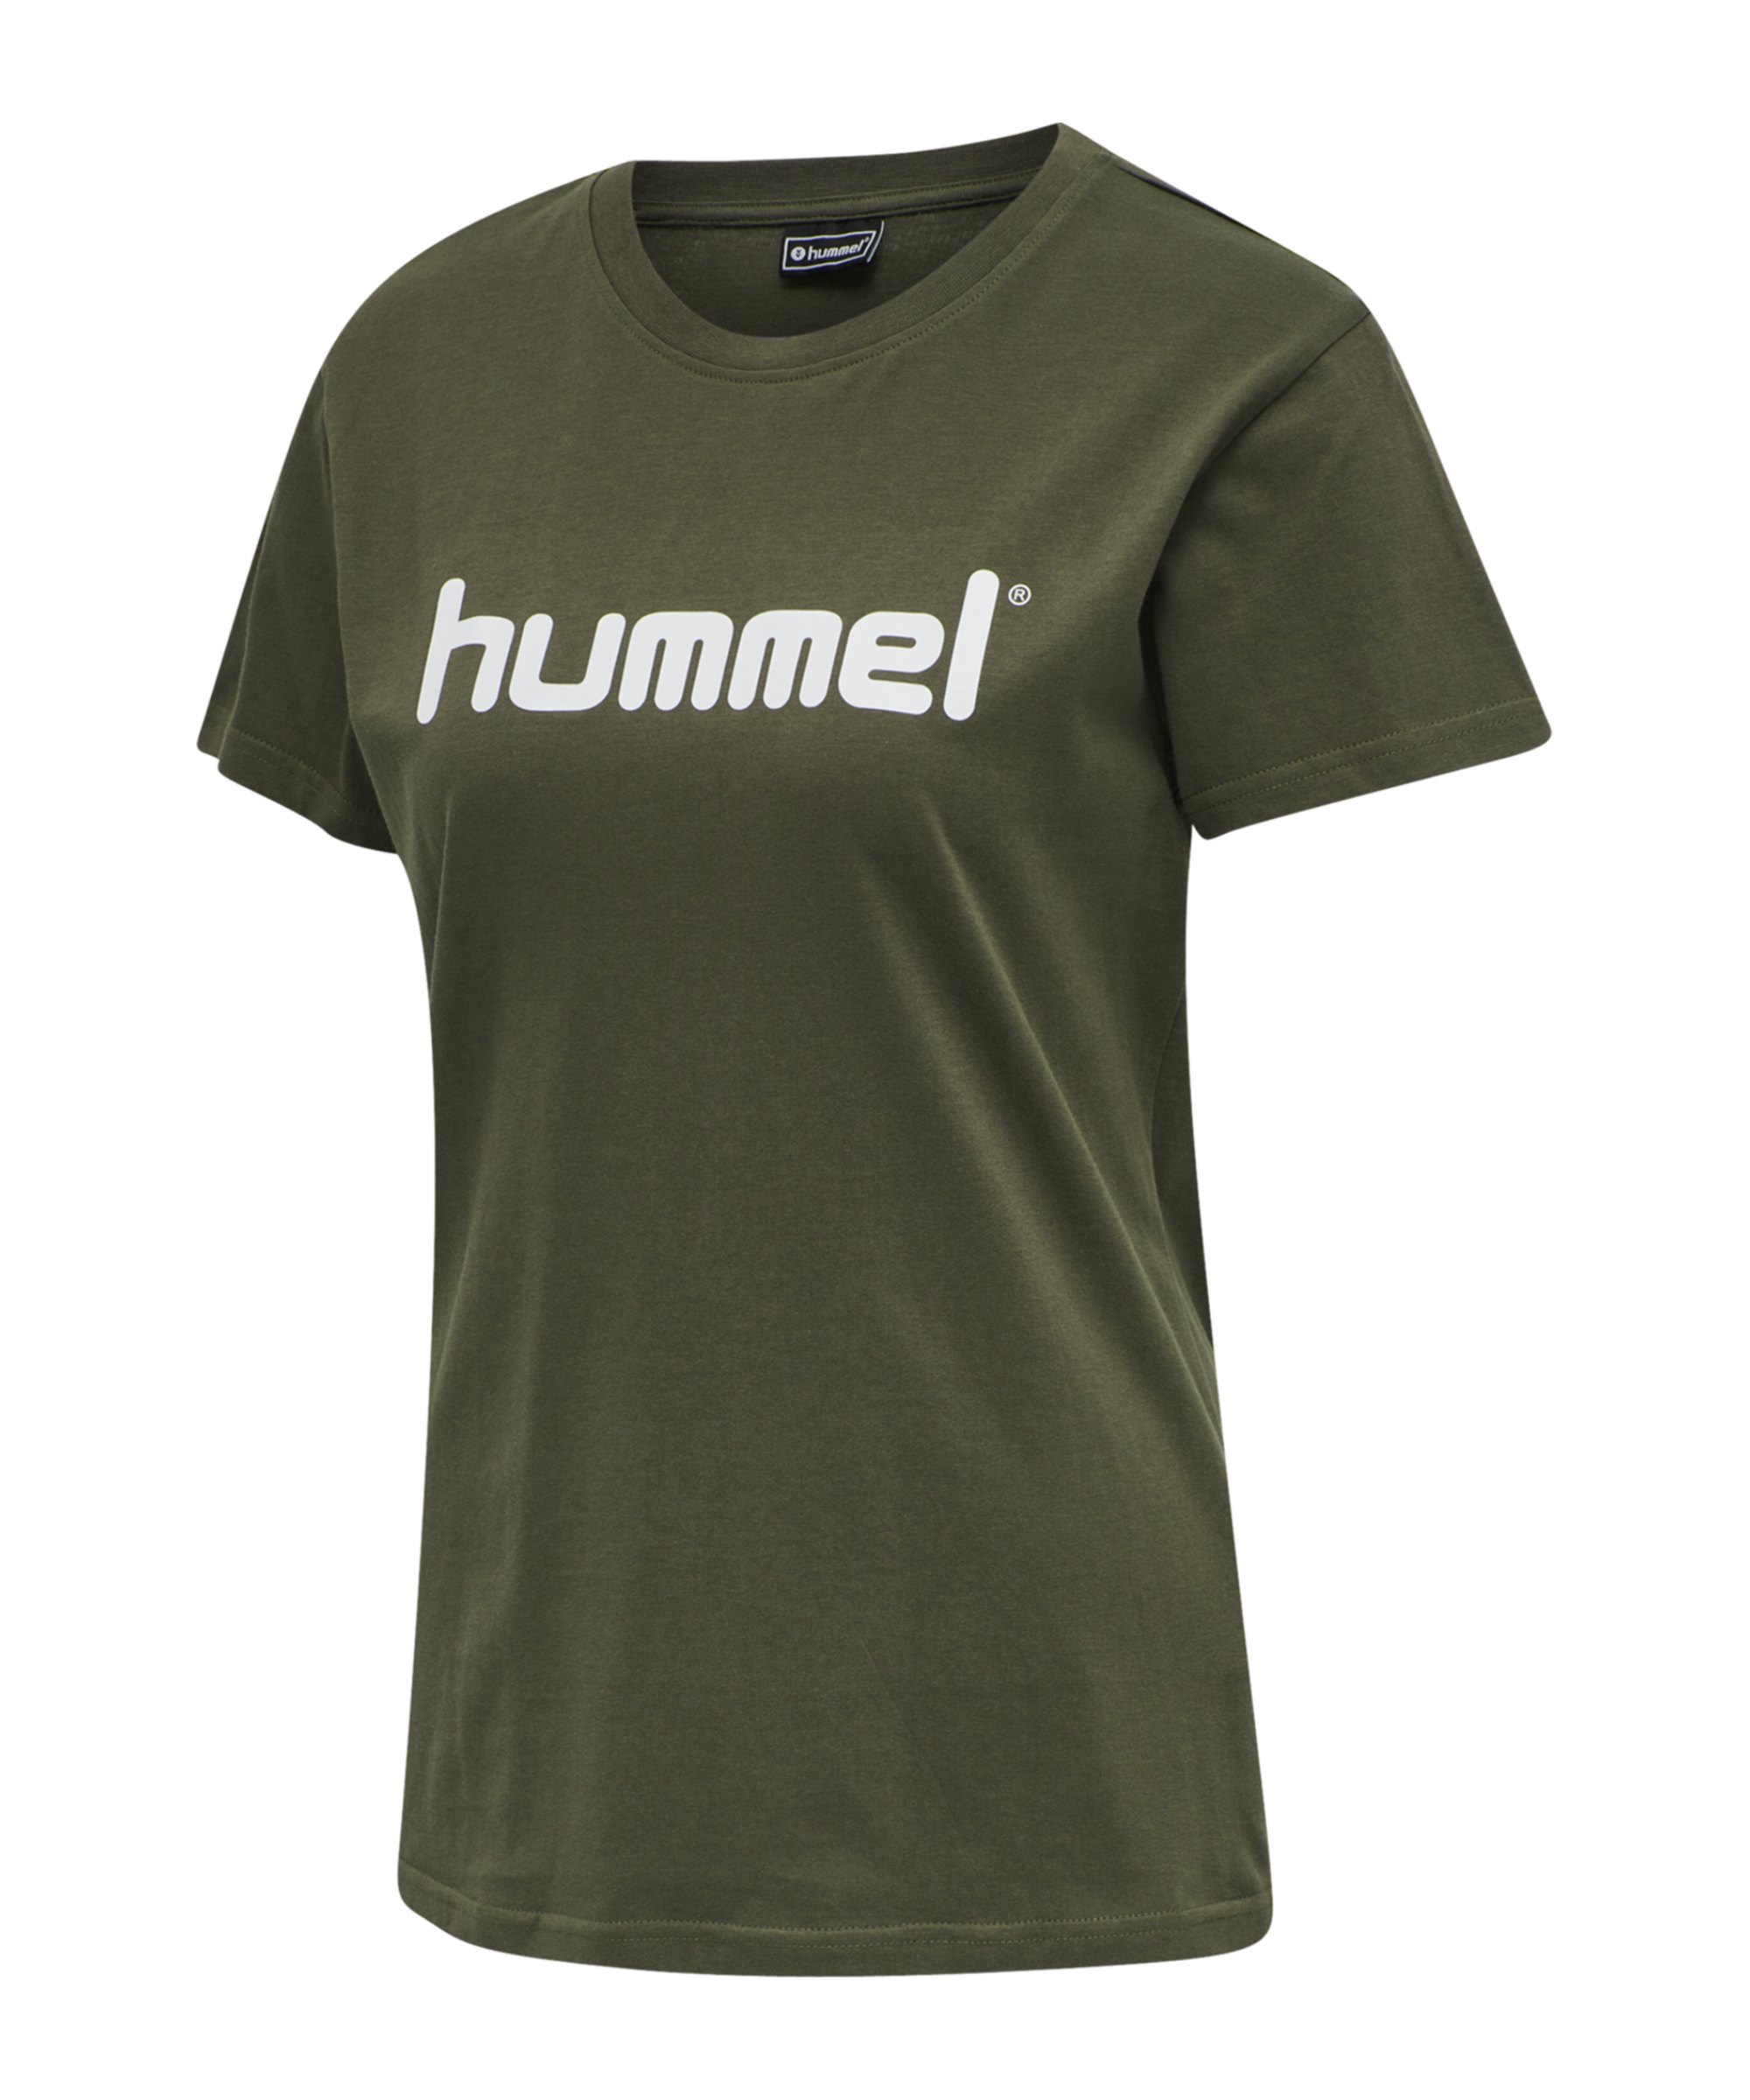 Hummel Cotton T-Shirt Logo Damen Grün F6084 - gruen